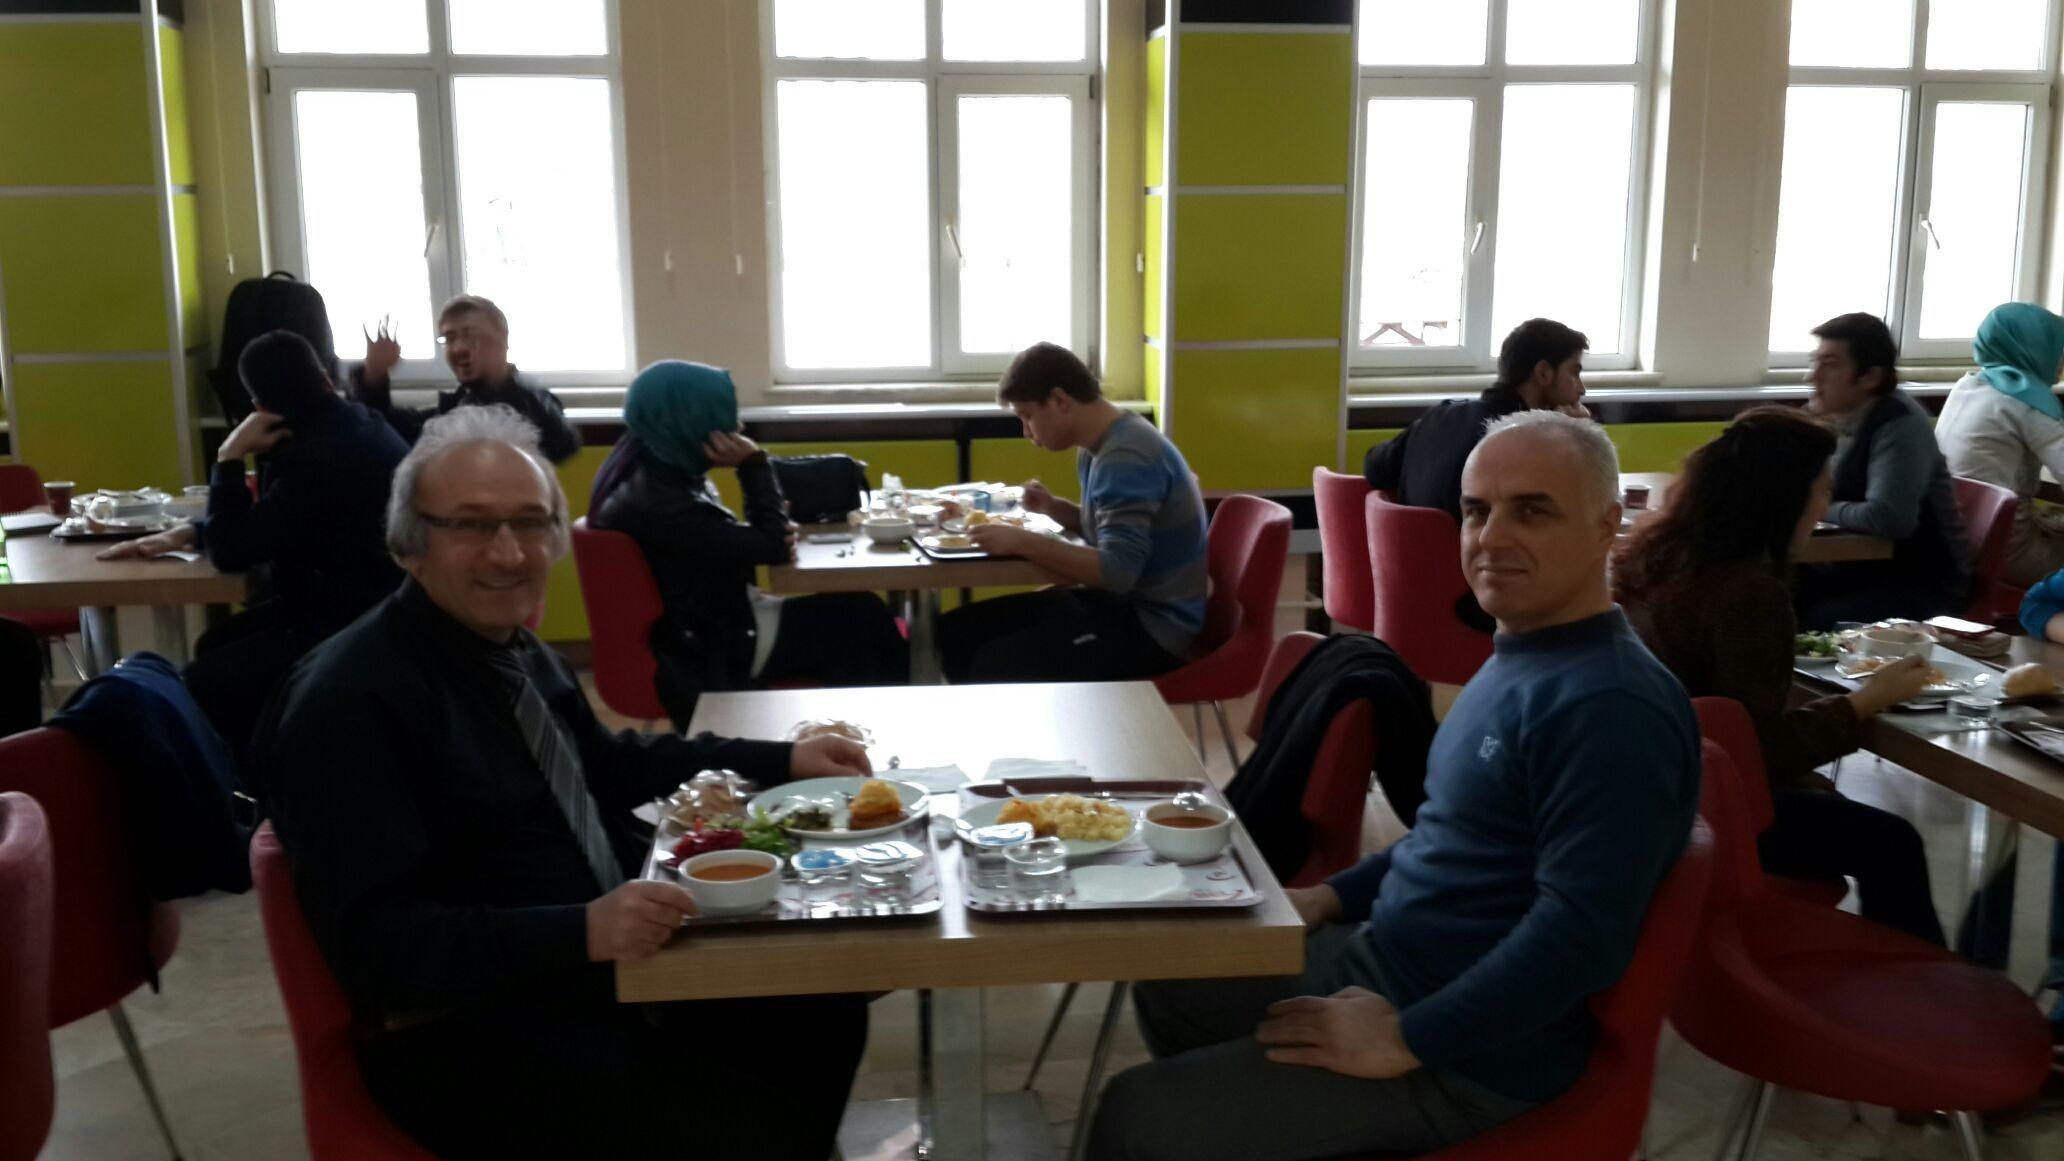 Ayhan Yavuz hocayla öğlen yemeği